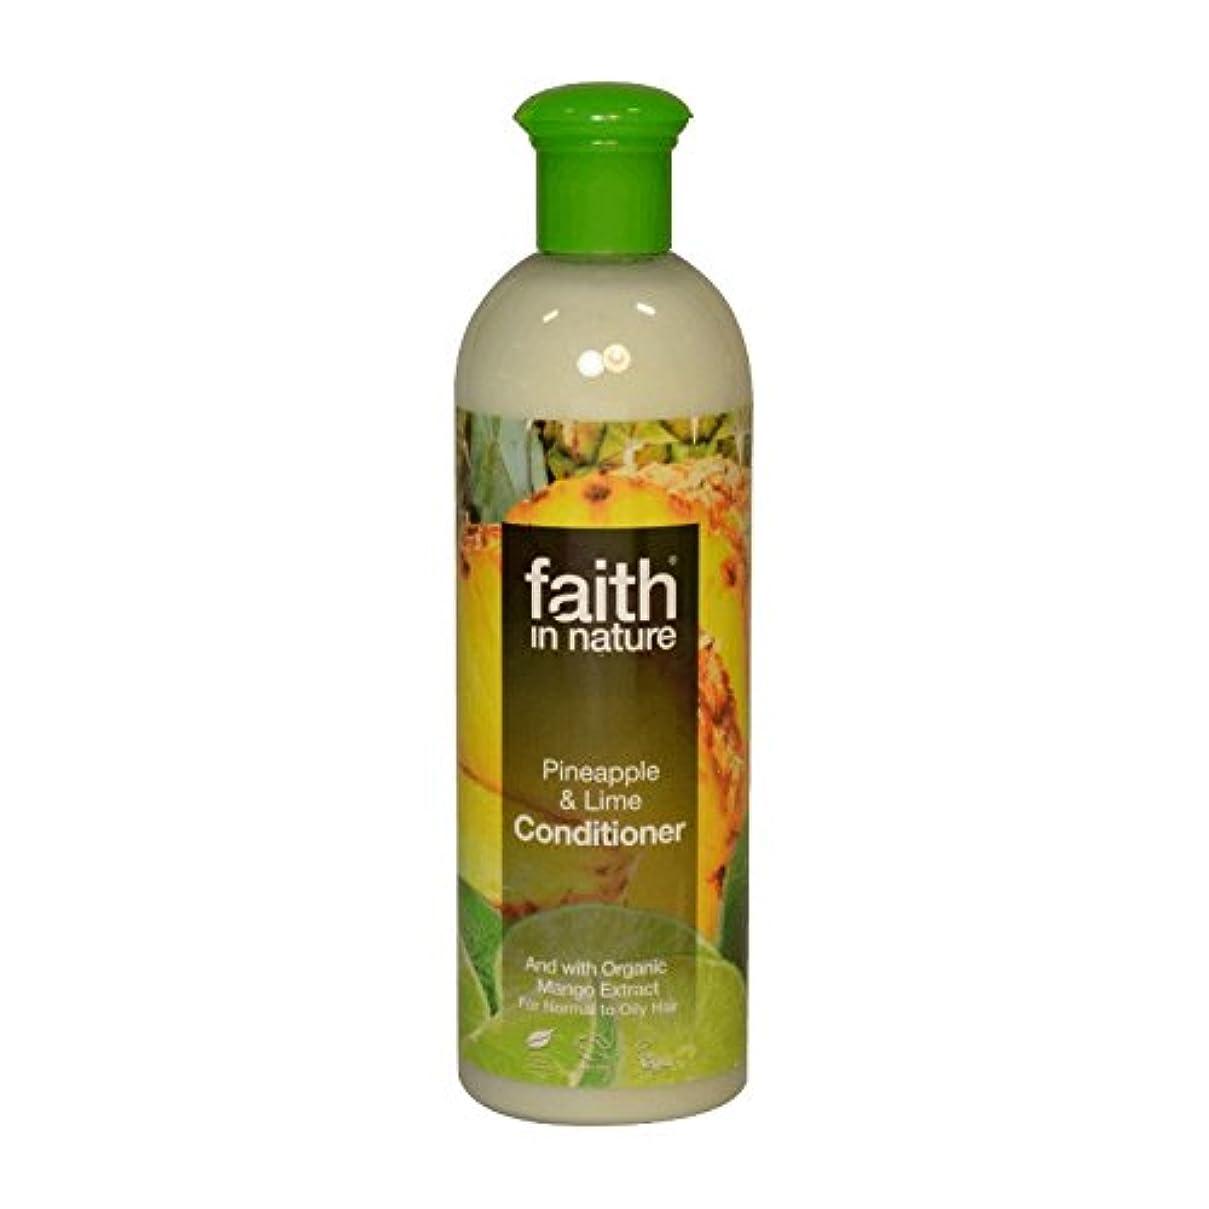 床を掃除する見つけた忠実な自然パイナップル&ライムコンディショナー400ミリリットルの信仰 - Faith in Nature Pineapple & Lime Conditioner 400ml (Faith in Nature) [並行輸入品]